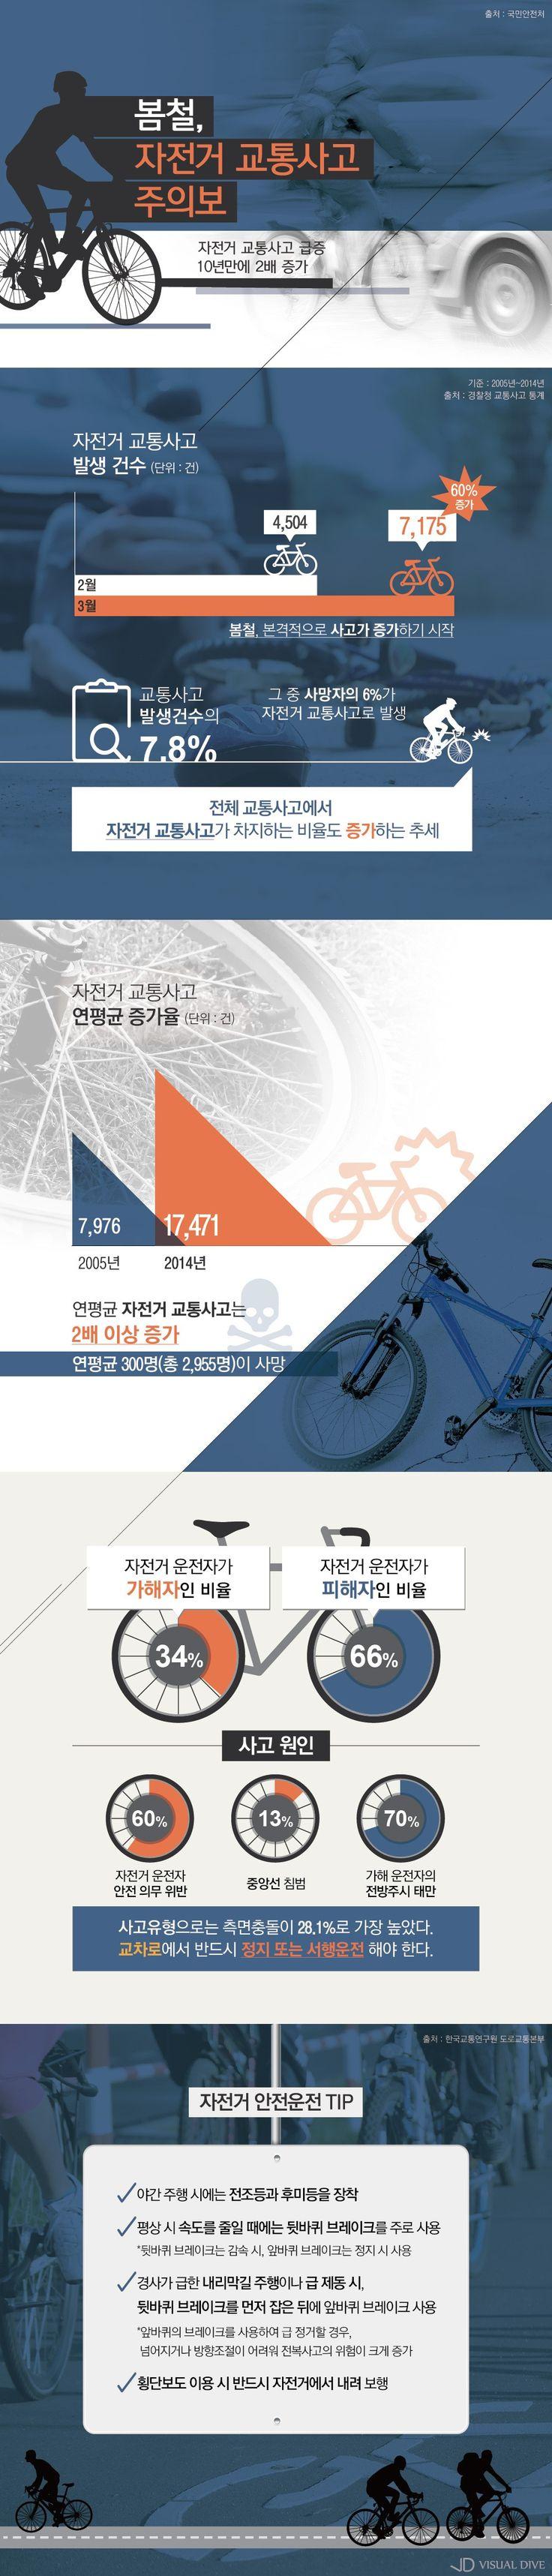 봄철 자전거 교통사고 급증…연 평균 300명 사망 [인포그래픽] #riding / #Infographic ⓒ 비주얼다이브 무단 복사·전재·재배포 금지